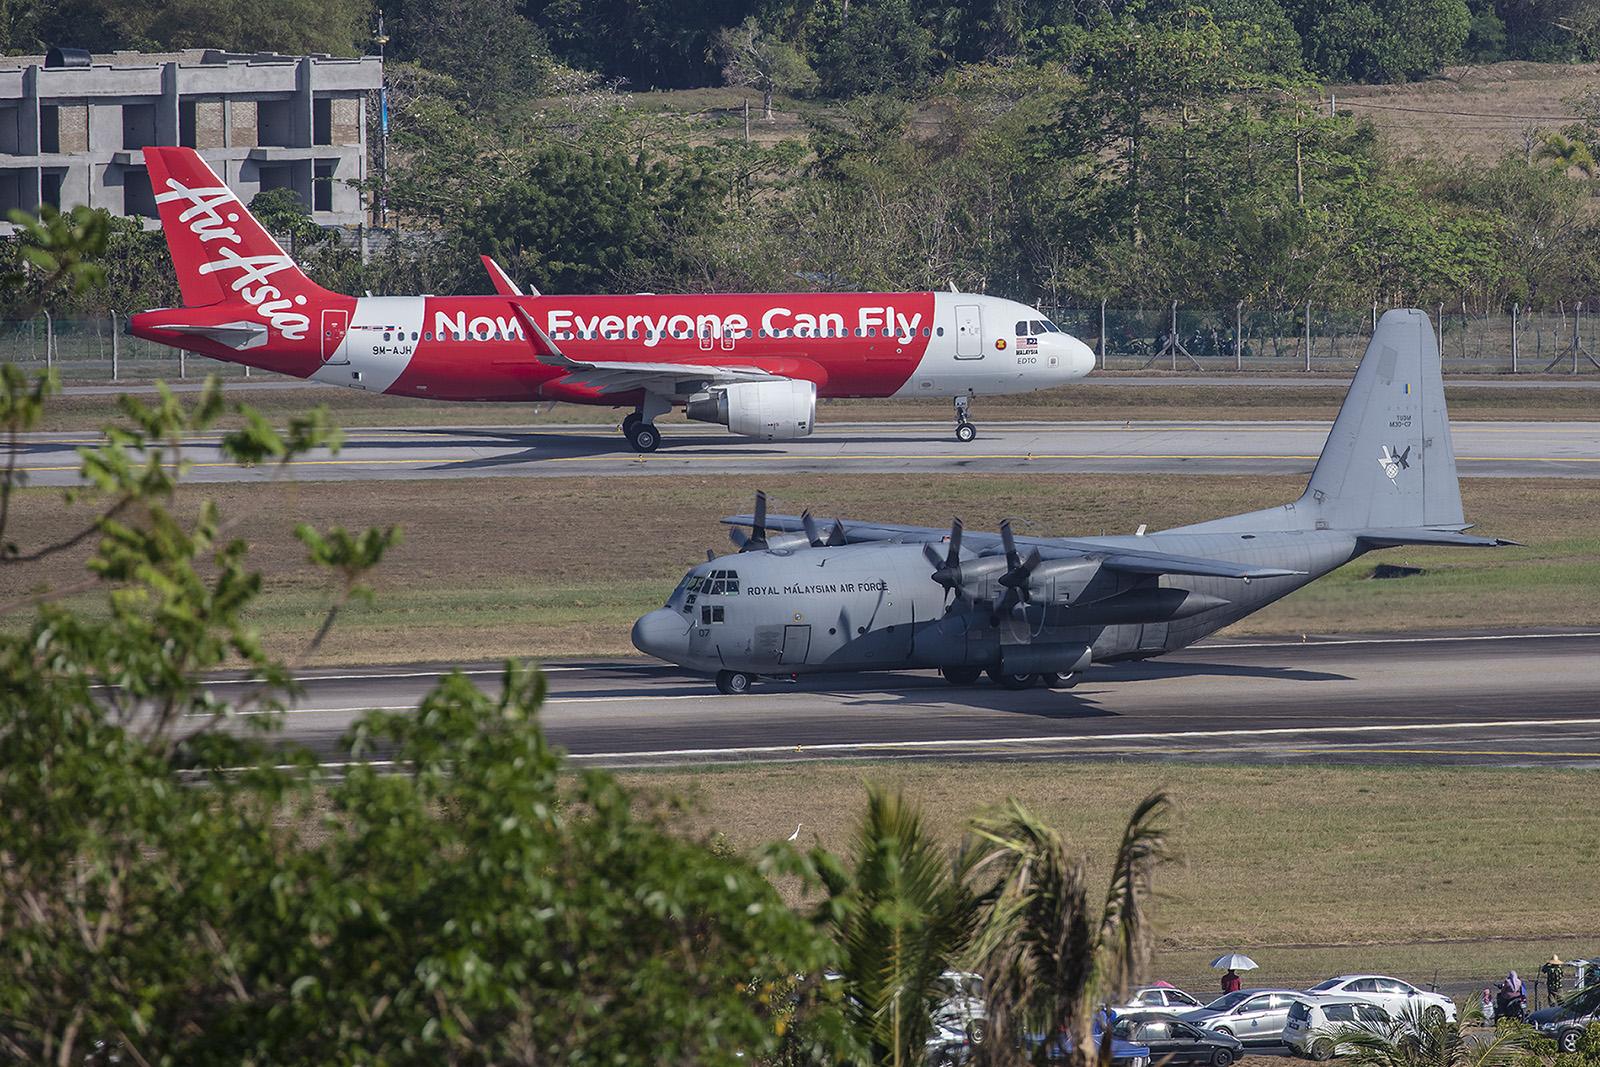 Auf der Airbase in Subang bei Kuala Lumpur sind noch viele C-130 Hercules stationiert.